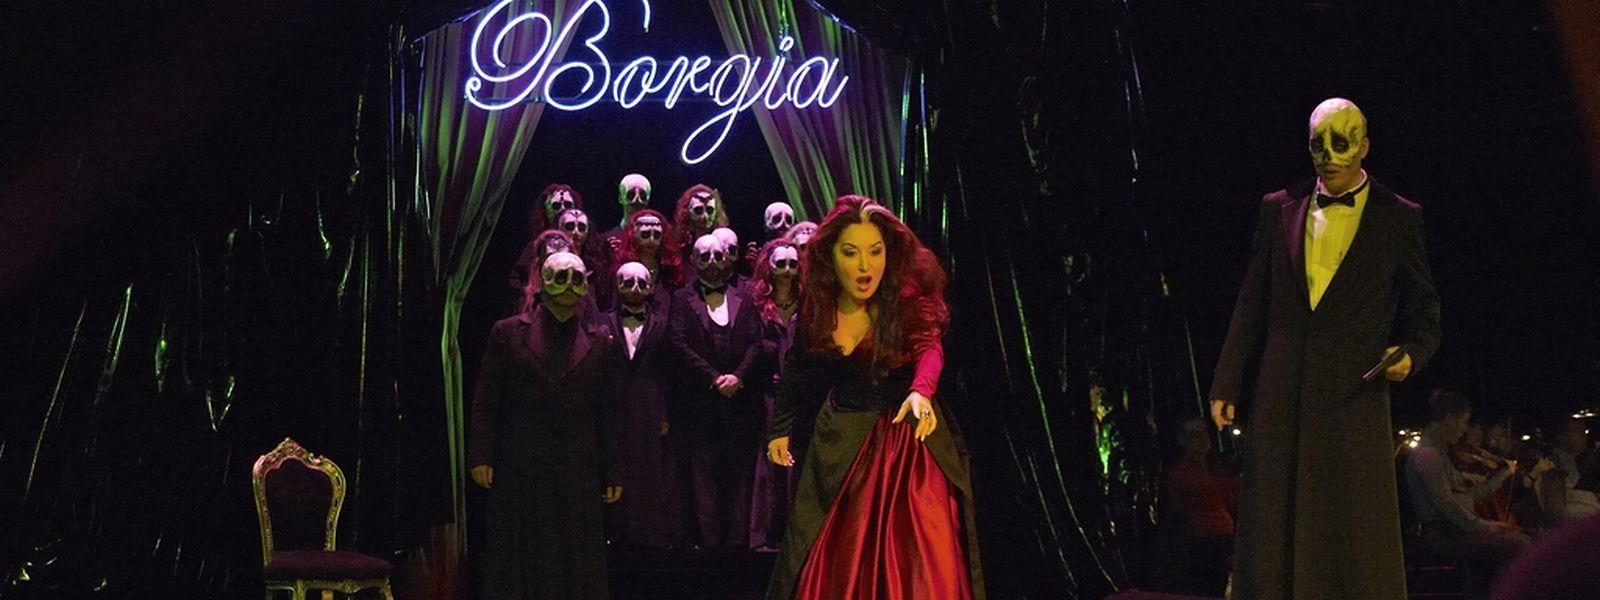 Des productions telles que Lucrezia Borgia à la Monnaie pourraient ne plus avoir lieu, l'institution étant contrainte à faire des économies dans tous les domaines, y compris la réalisation de costumes.